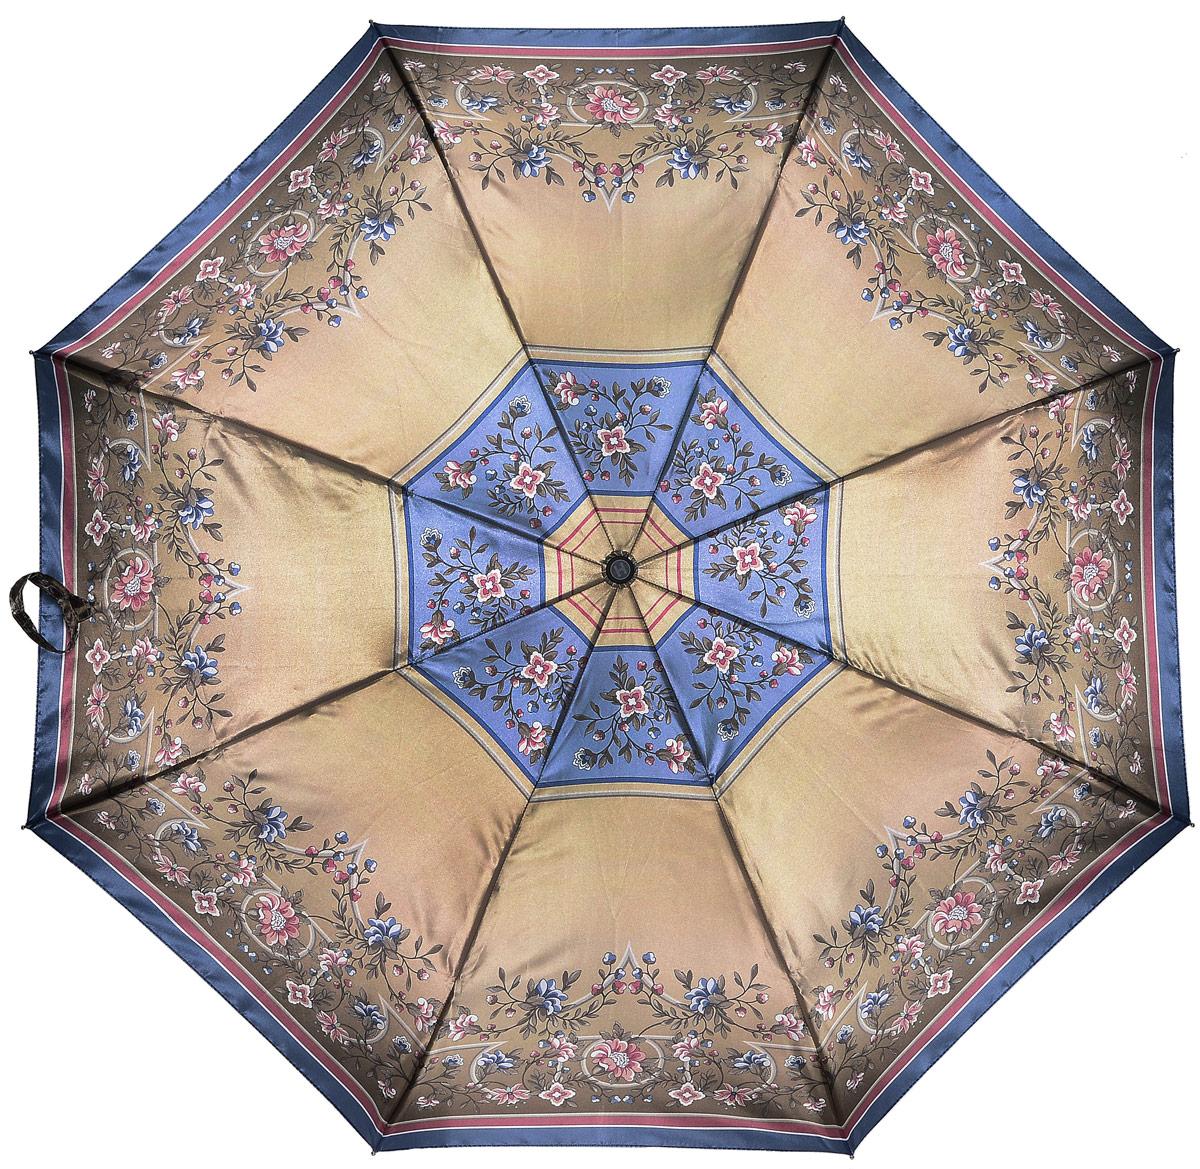 Зонт женский Henry Backer, 3 сложения, цвет: бежевый. U23205 Flowers in goldU23205 Flowers in goldЭффектный женский зонт «Цветы в золоте» с сатиновым куполом, автомат Рукоять сделана из нескользящего материала, на ней насечки для того, чтобы зонт было удобно удерживать под порывами ветра. Ветроустойчивый каркас выполнен из стали, алюминия и фибергласса.